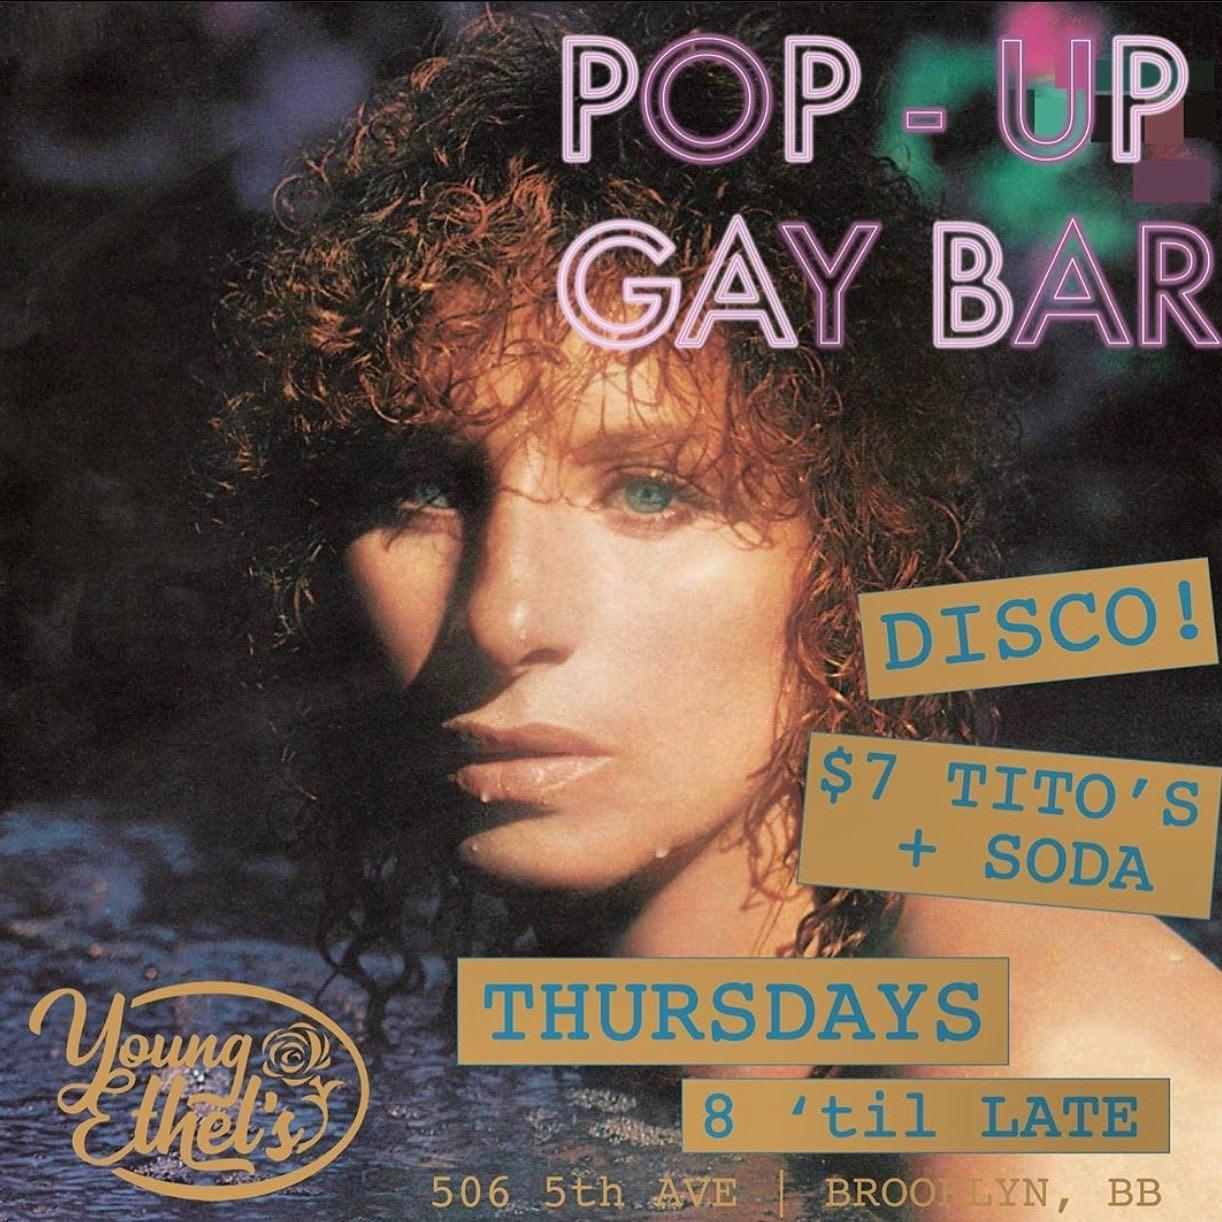 Pop-Up Gay Bar